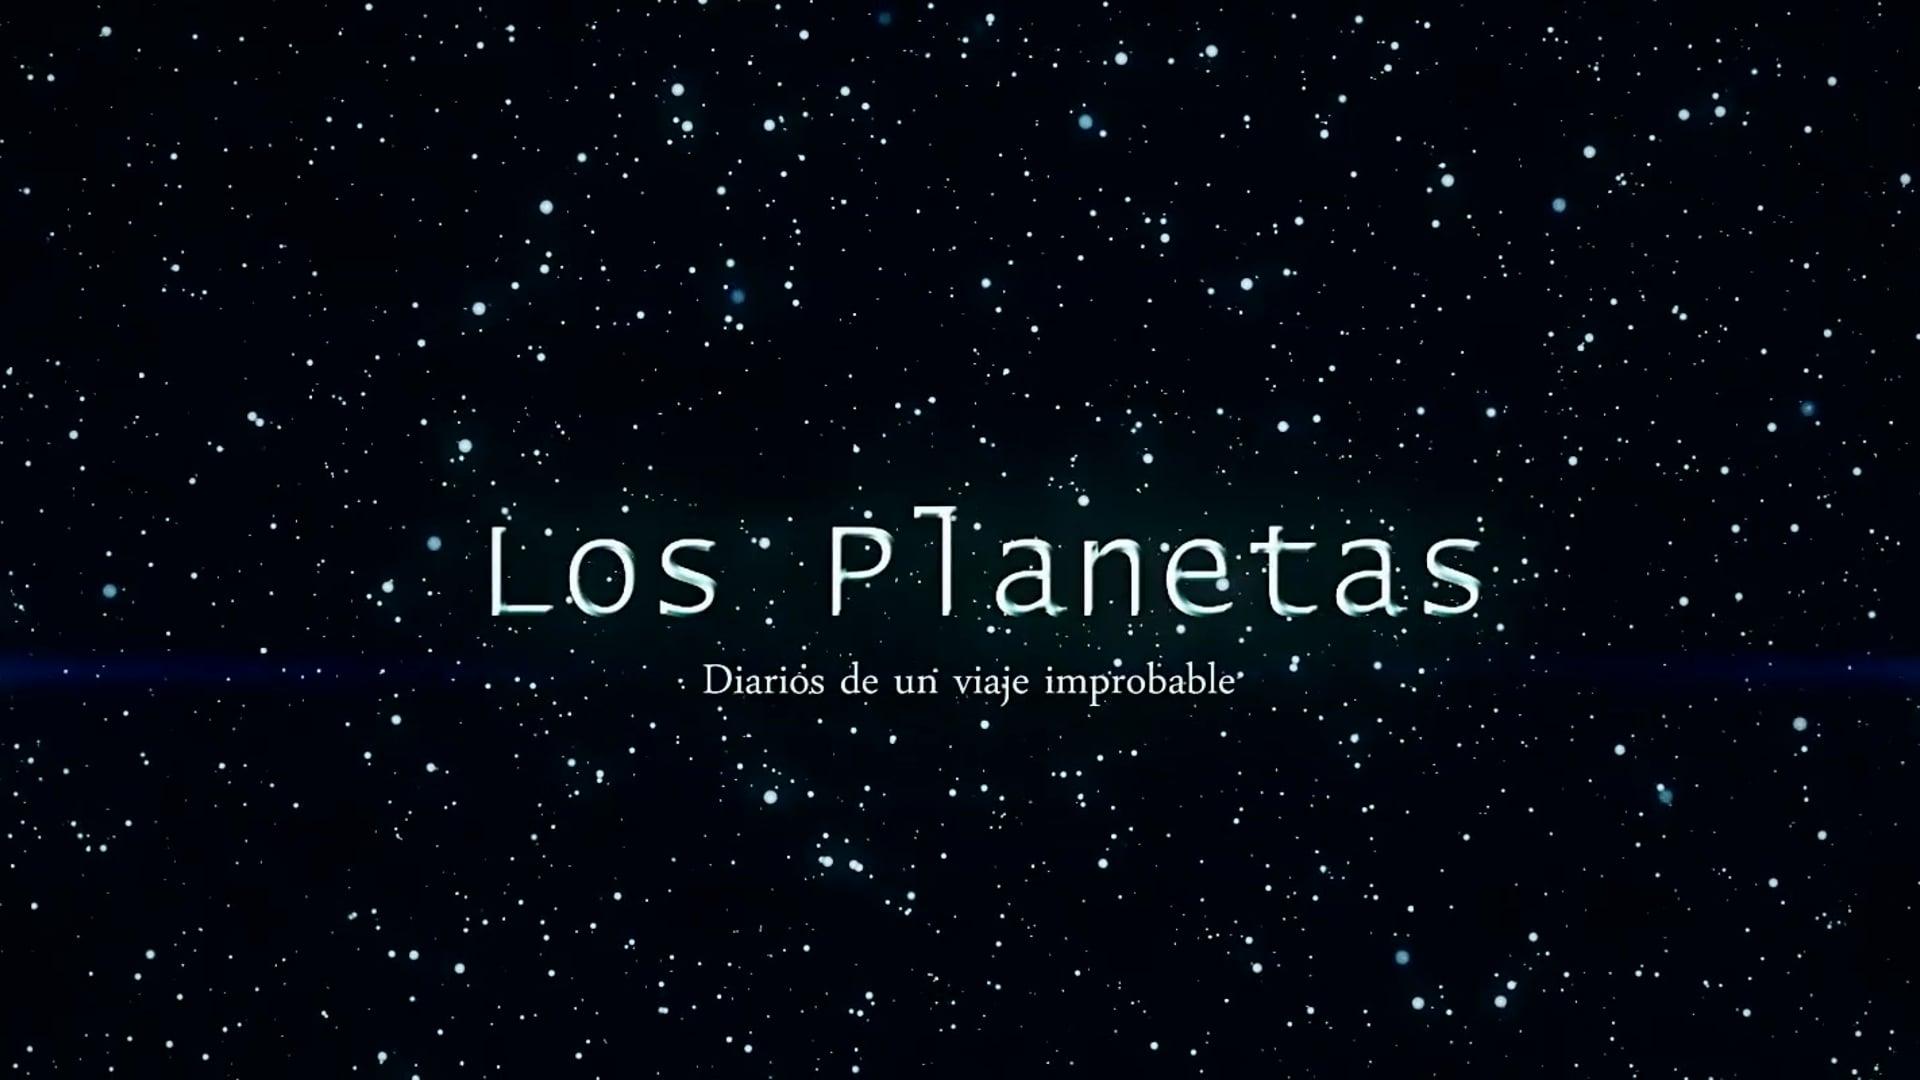 Los planetas - Teaser 1